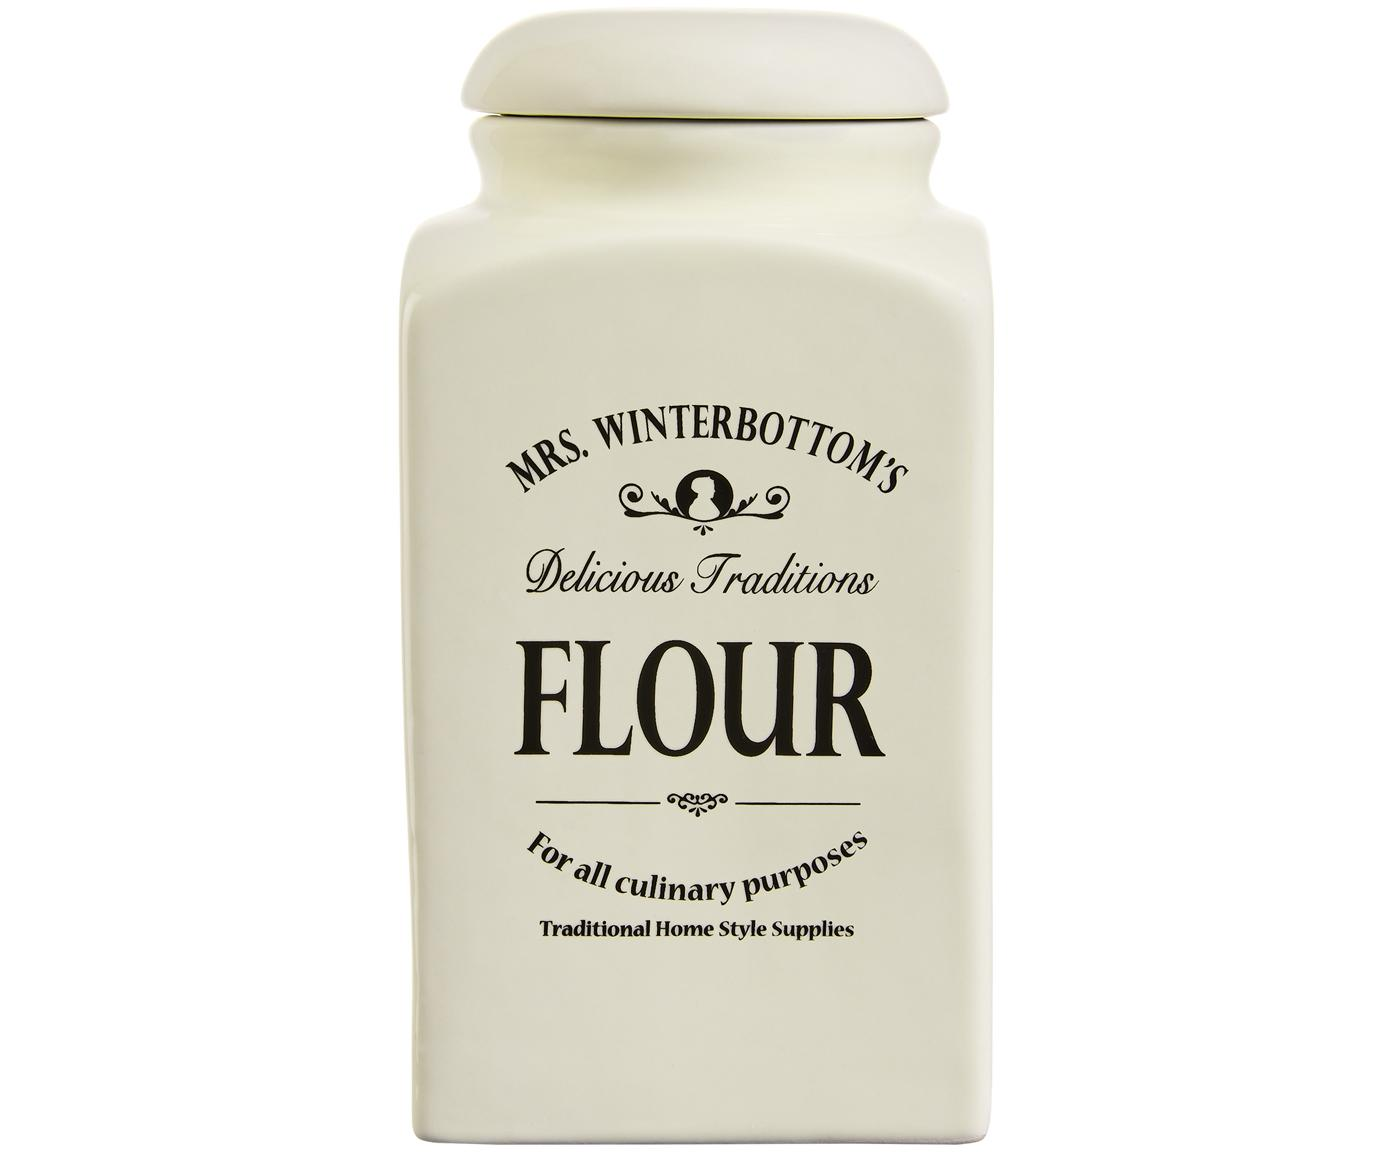 Aufbewahrungsdose Mrs Winterbottoms Flour, Steingut, Creme, Schwarz, Ø 11 x H 21 cm